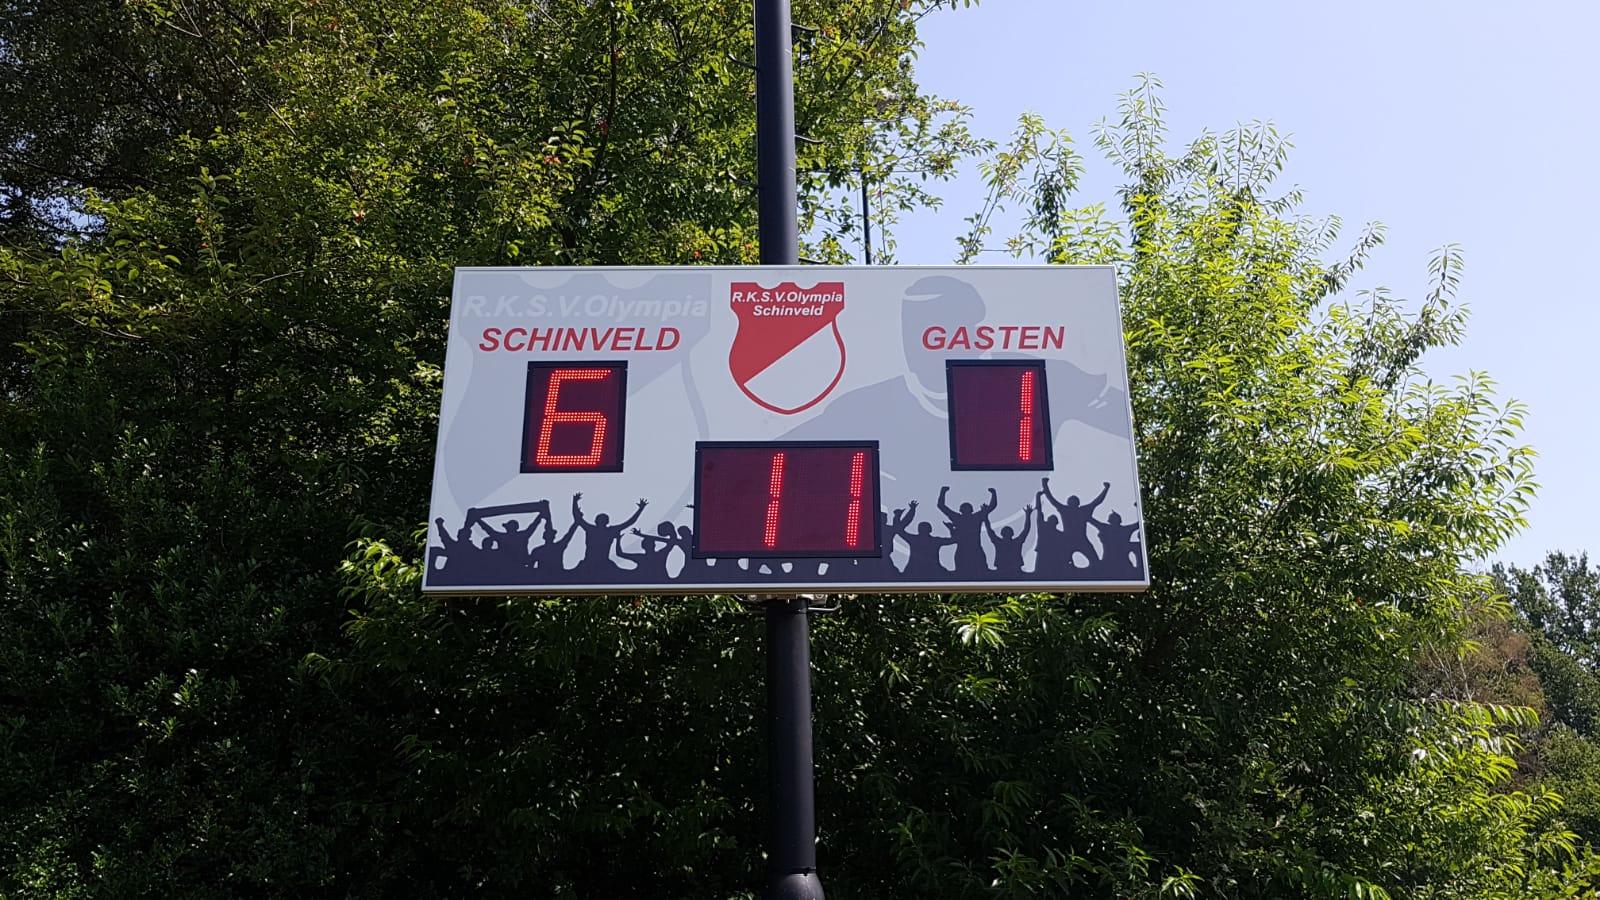 scorebord voetbal scoretec olympia schinveld